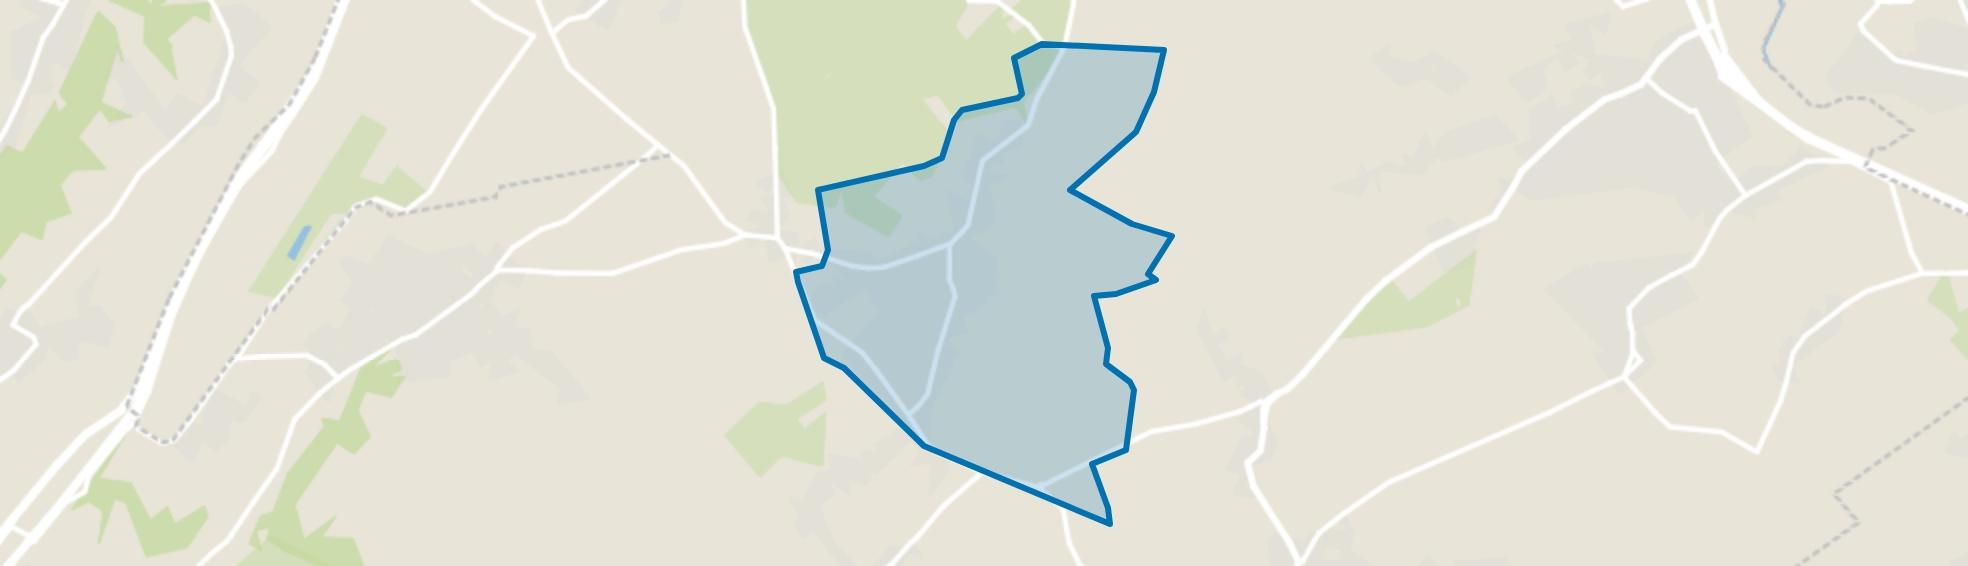 Schimmert, Schimmert map